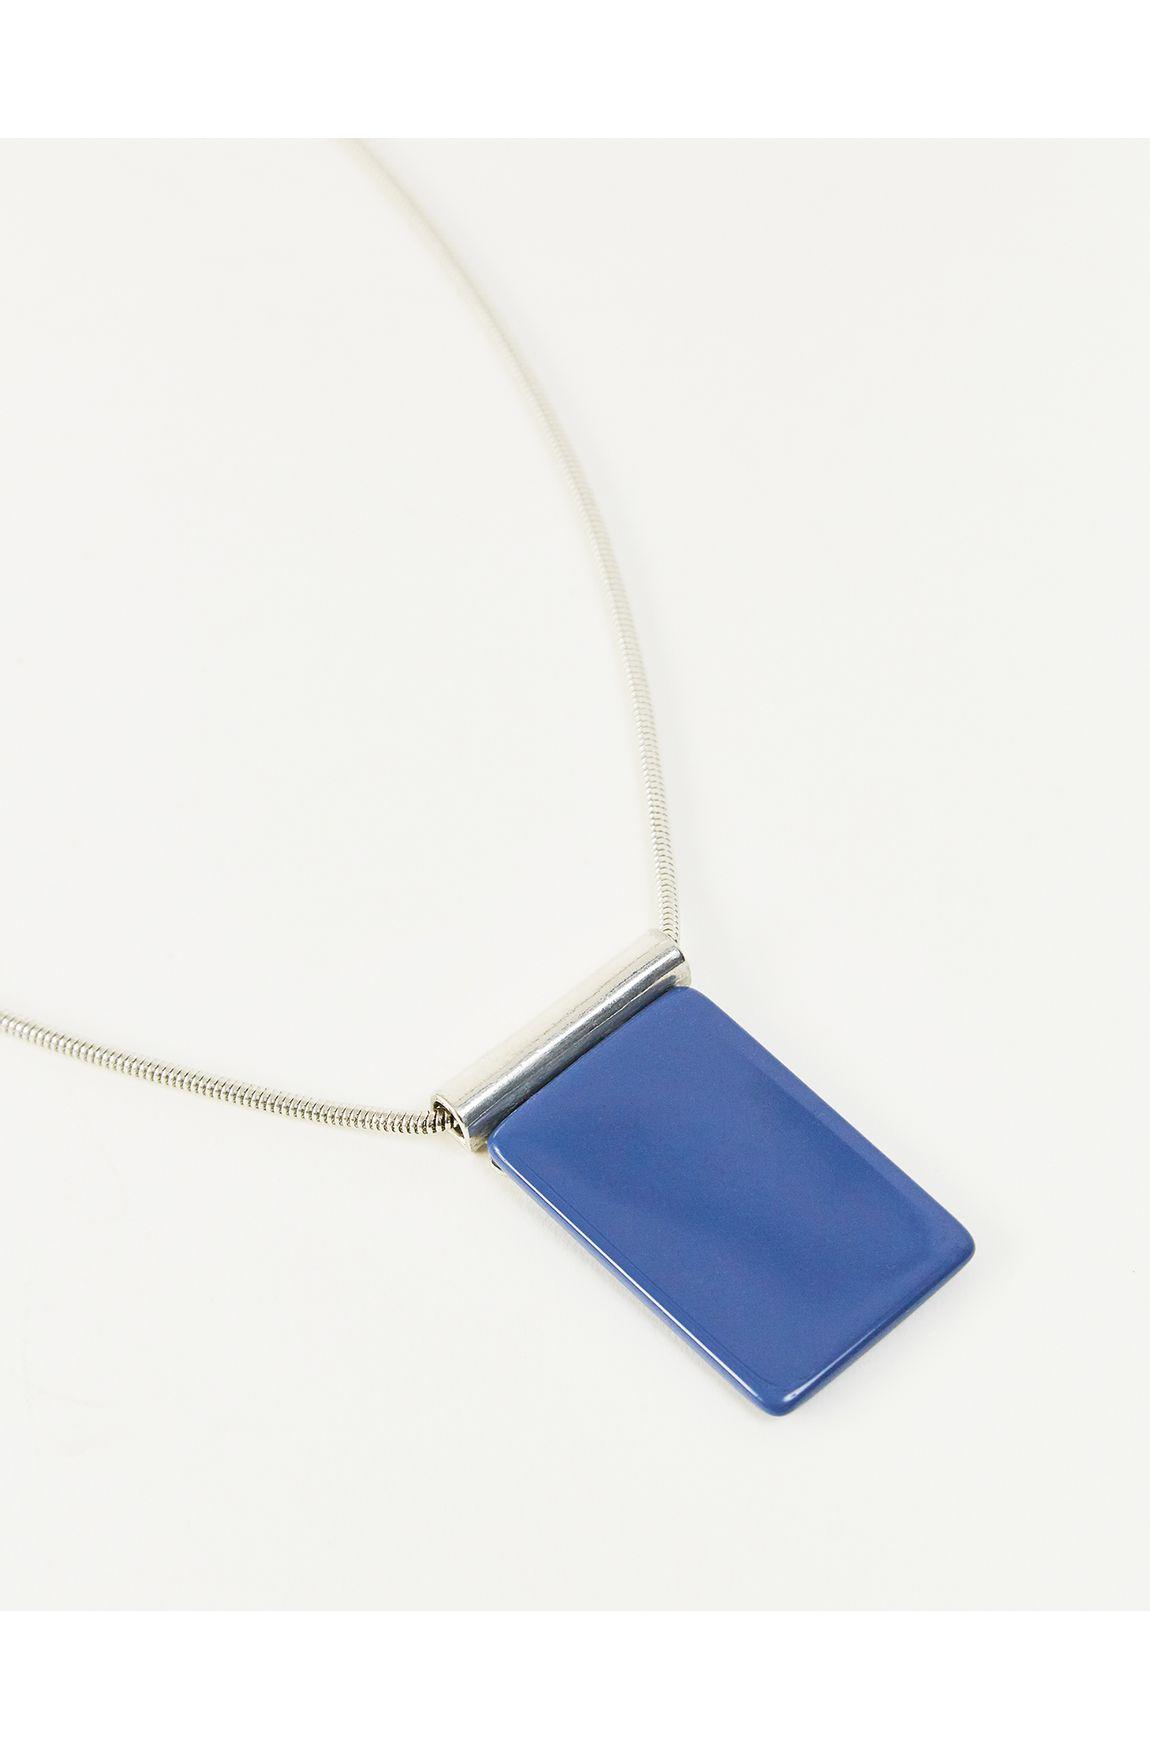 Colar longo maxi resina azul